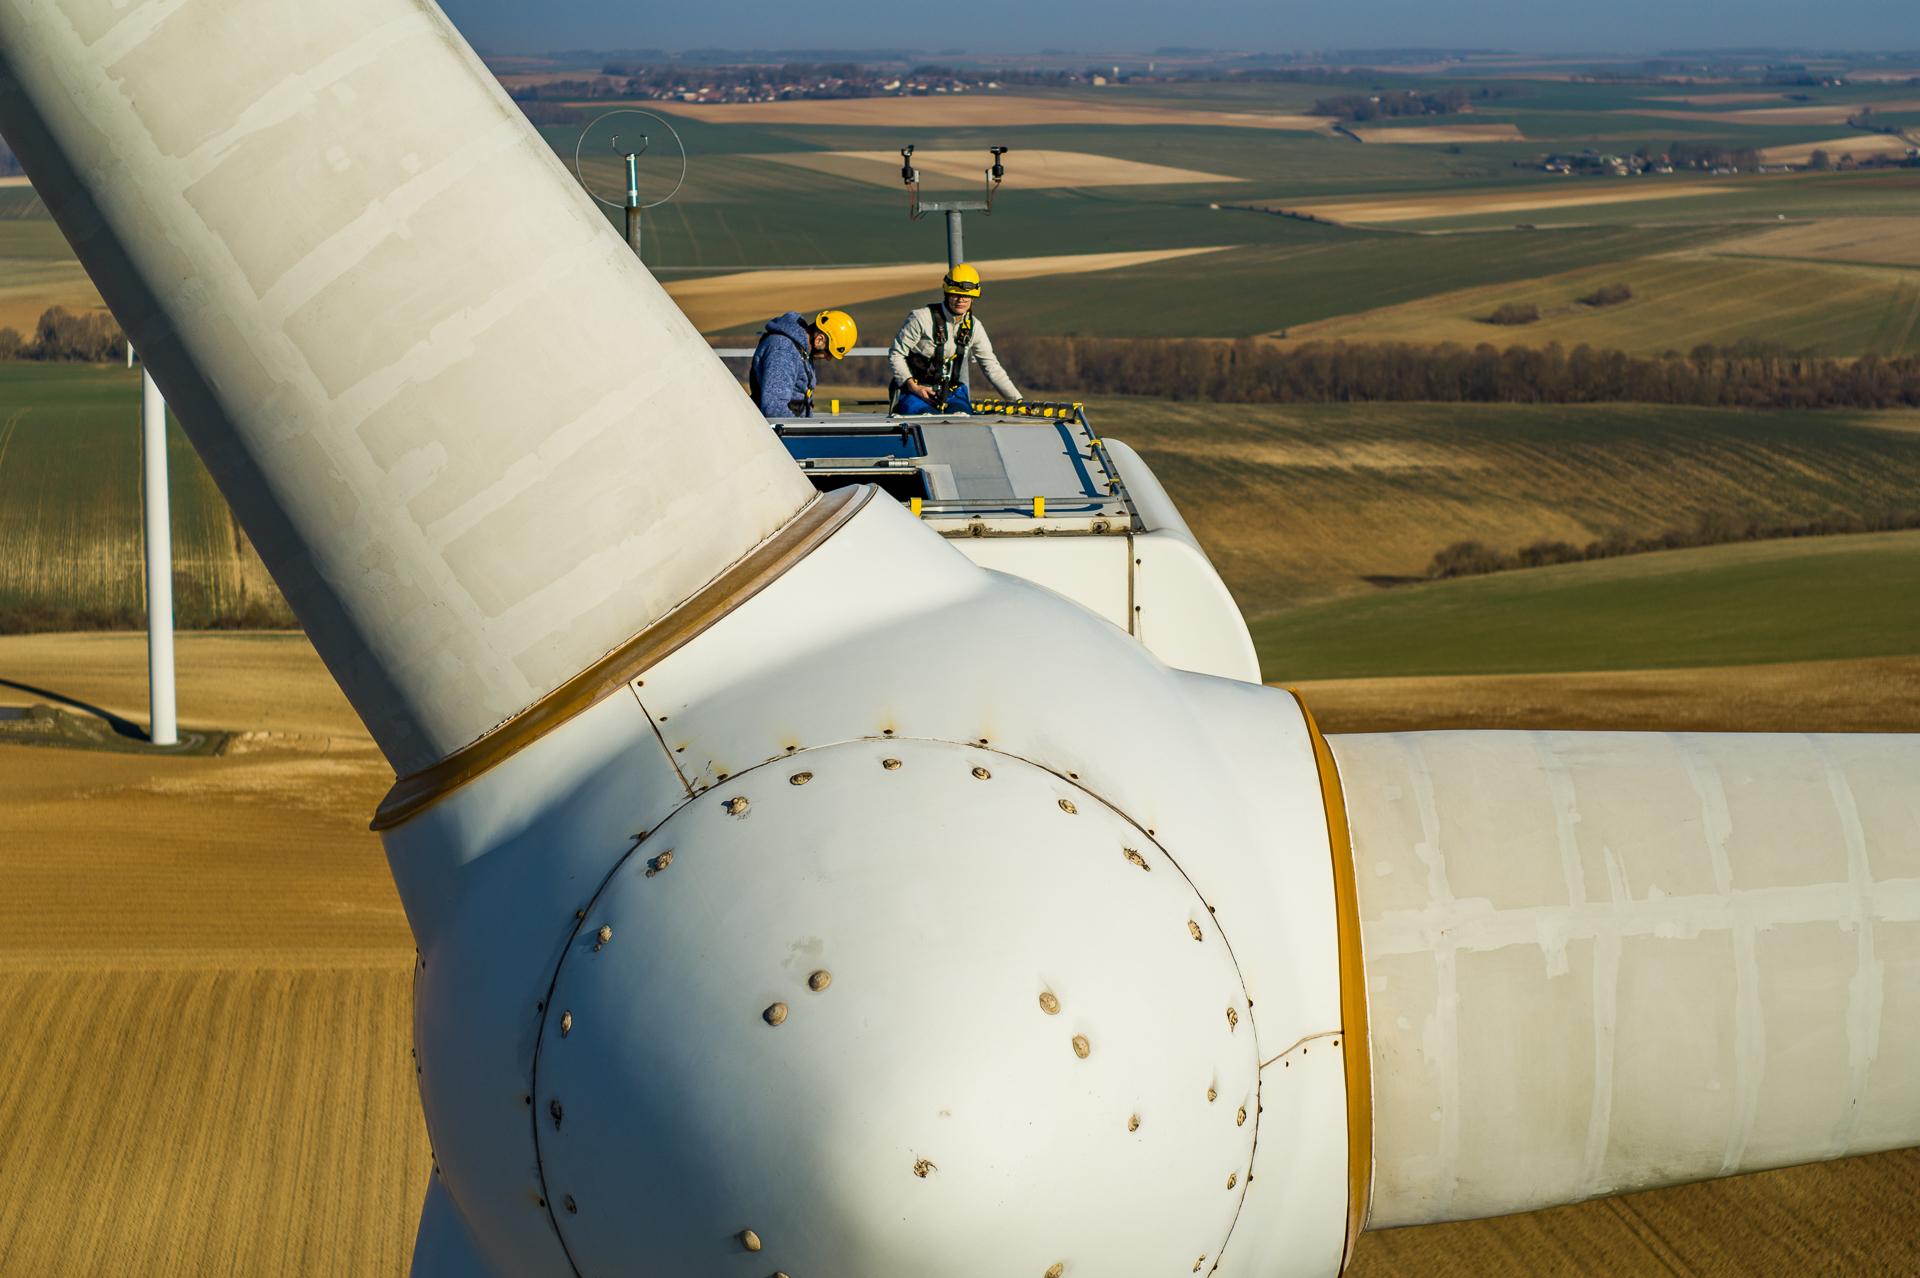 Kallista_Energy_Picardie_Omissy-0734©Stephane_Leroy.jpg